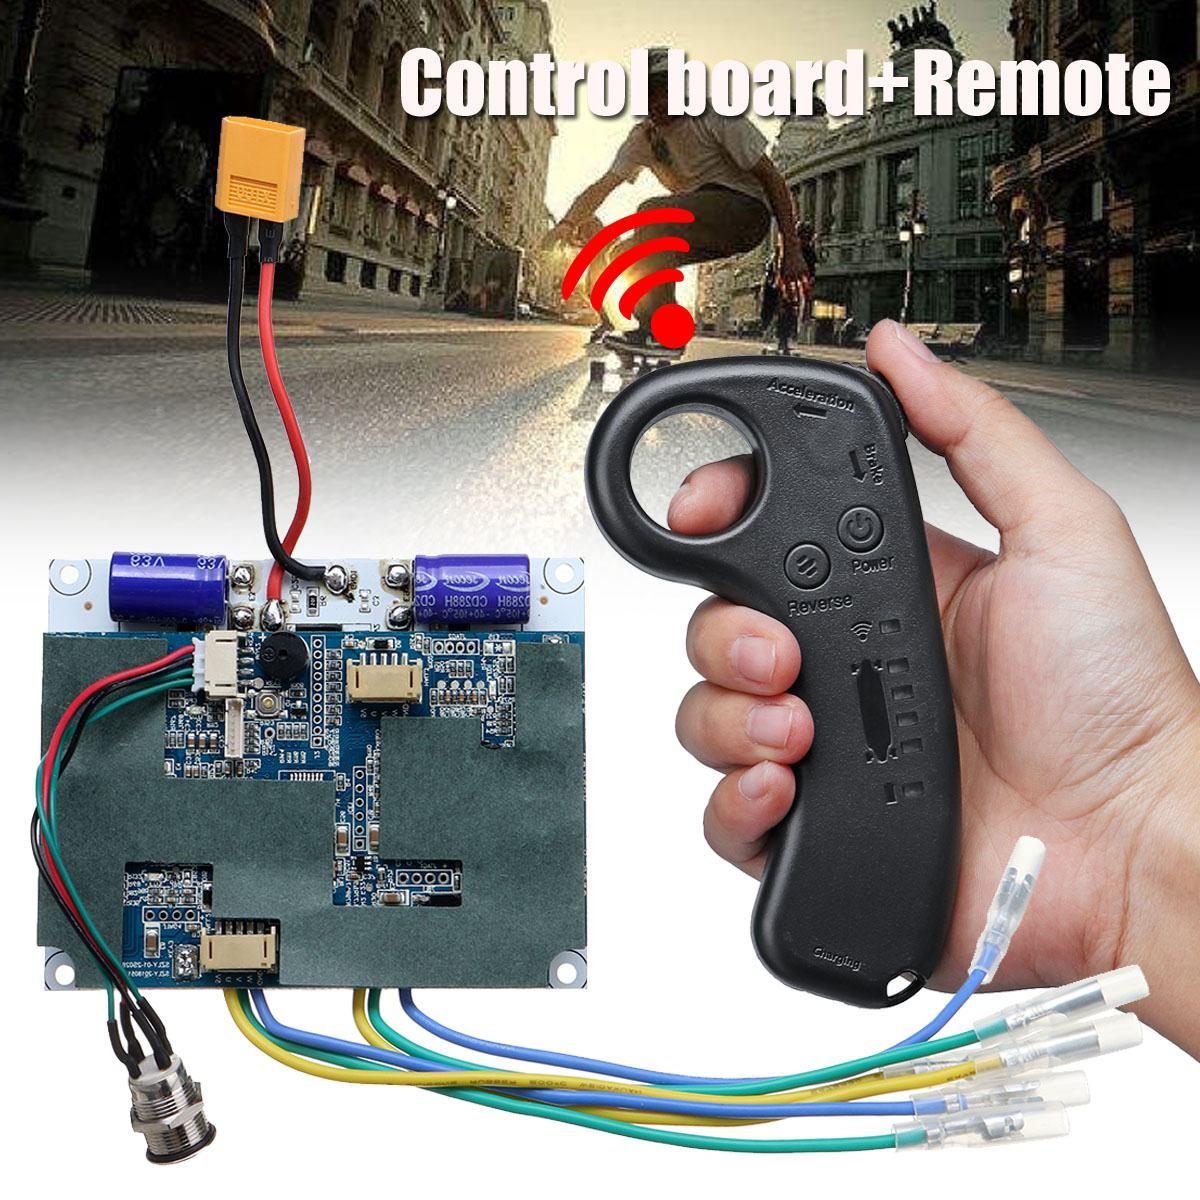 36VV double moteur planche à roulettes électrique Longboard lecteur contrôleur ESC Hub moteur Mini télécommande électrique Skateboard accessoires